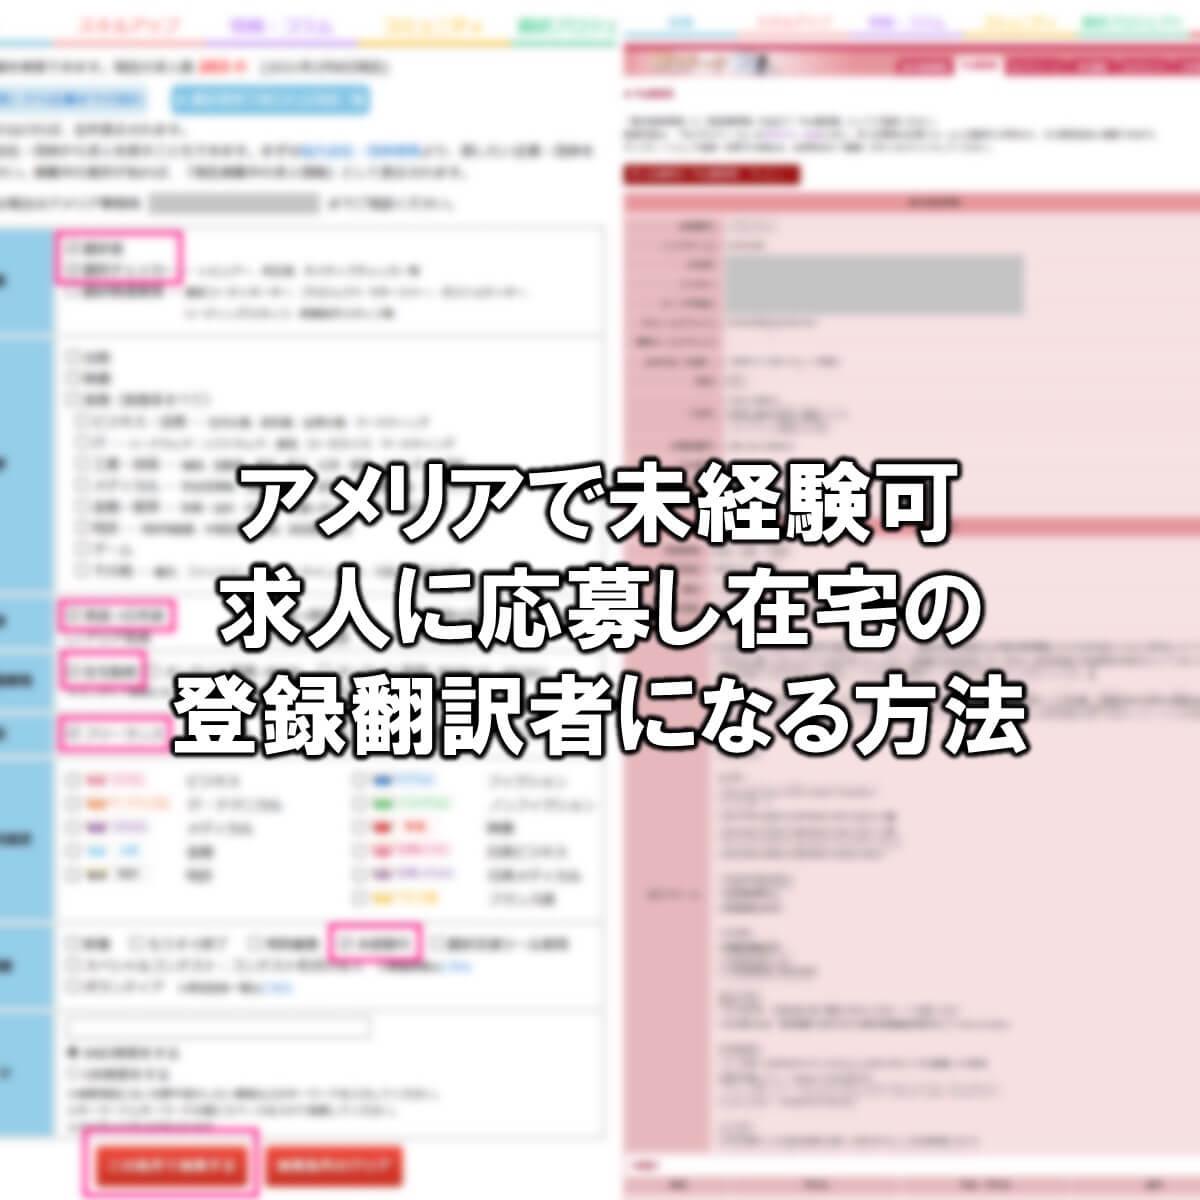 アメリアで未経験可求人に応募し在宅の登録翻訳者になる方法